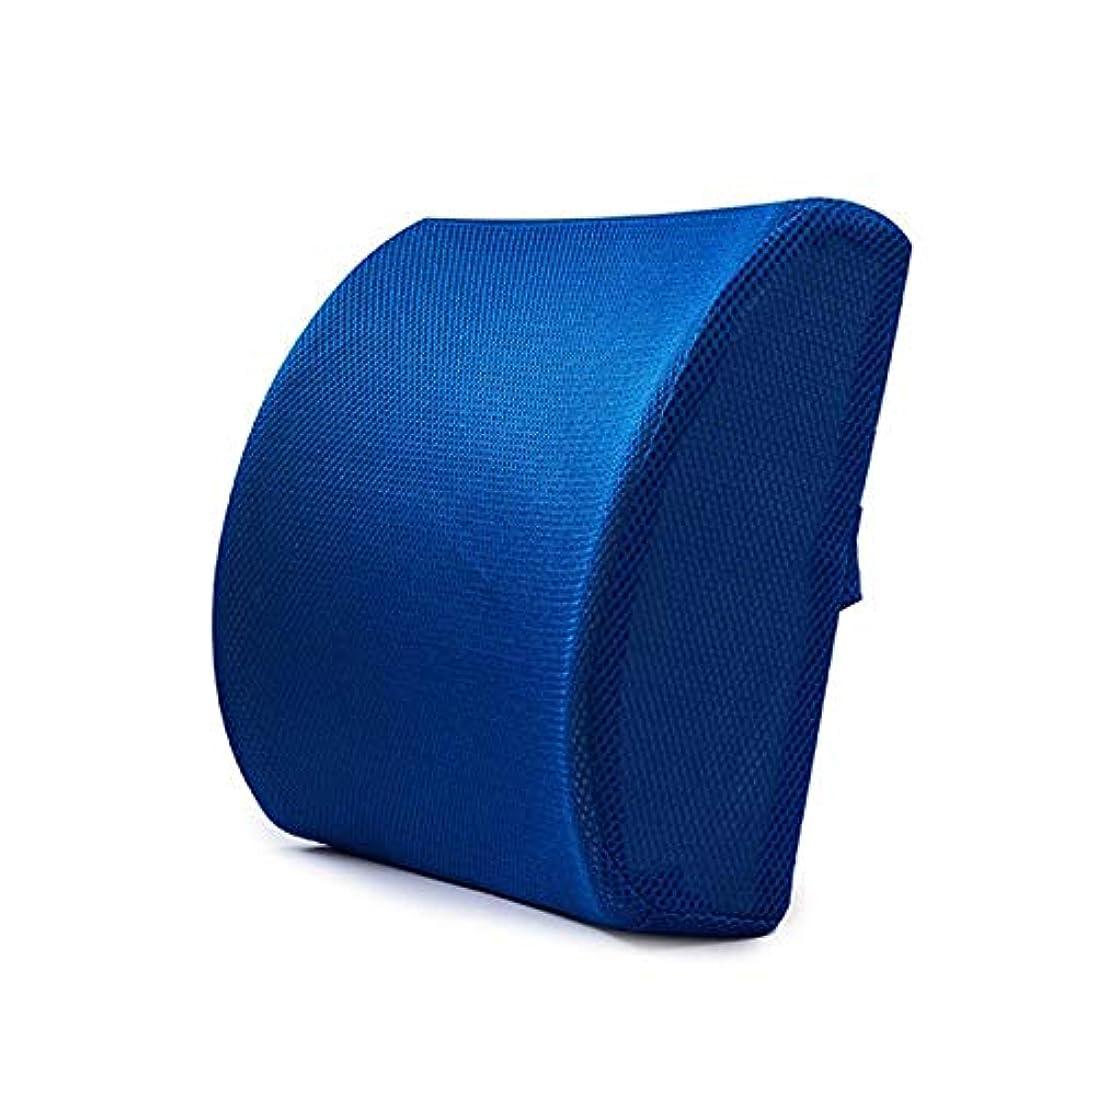 最少オン別にLIFE ホームオフィス背もたれ椅子腰椎クッションカーシートネック枕 3D 低反発サポートバックマッサージウエストレスリビング枕 クッション 椅子